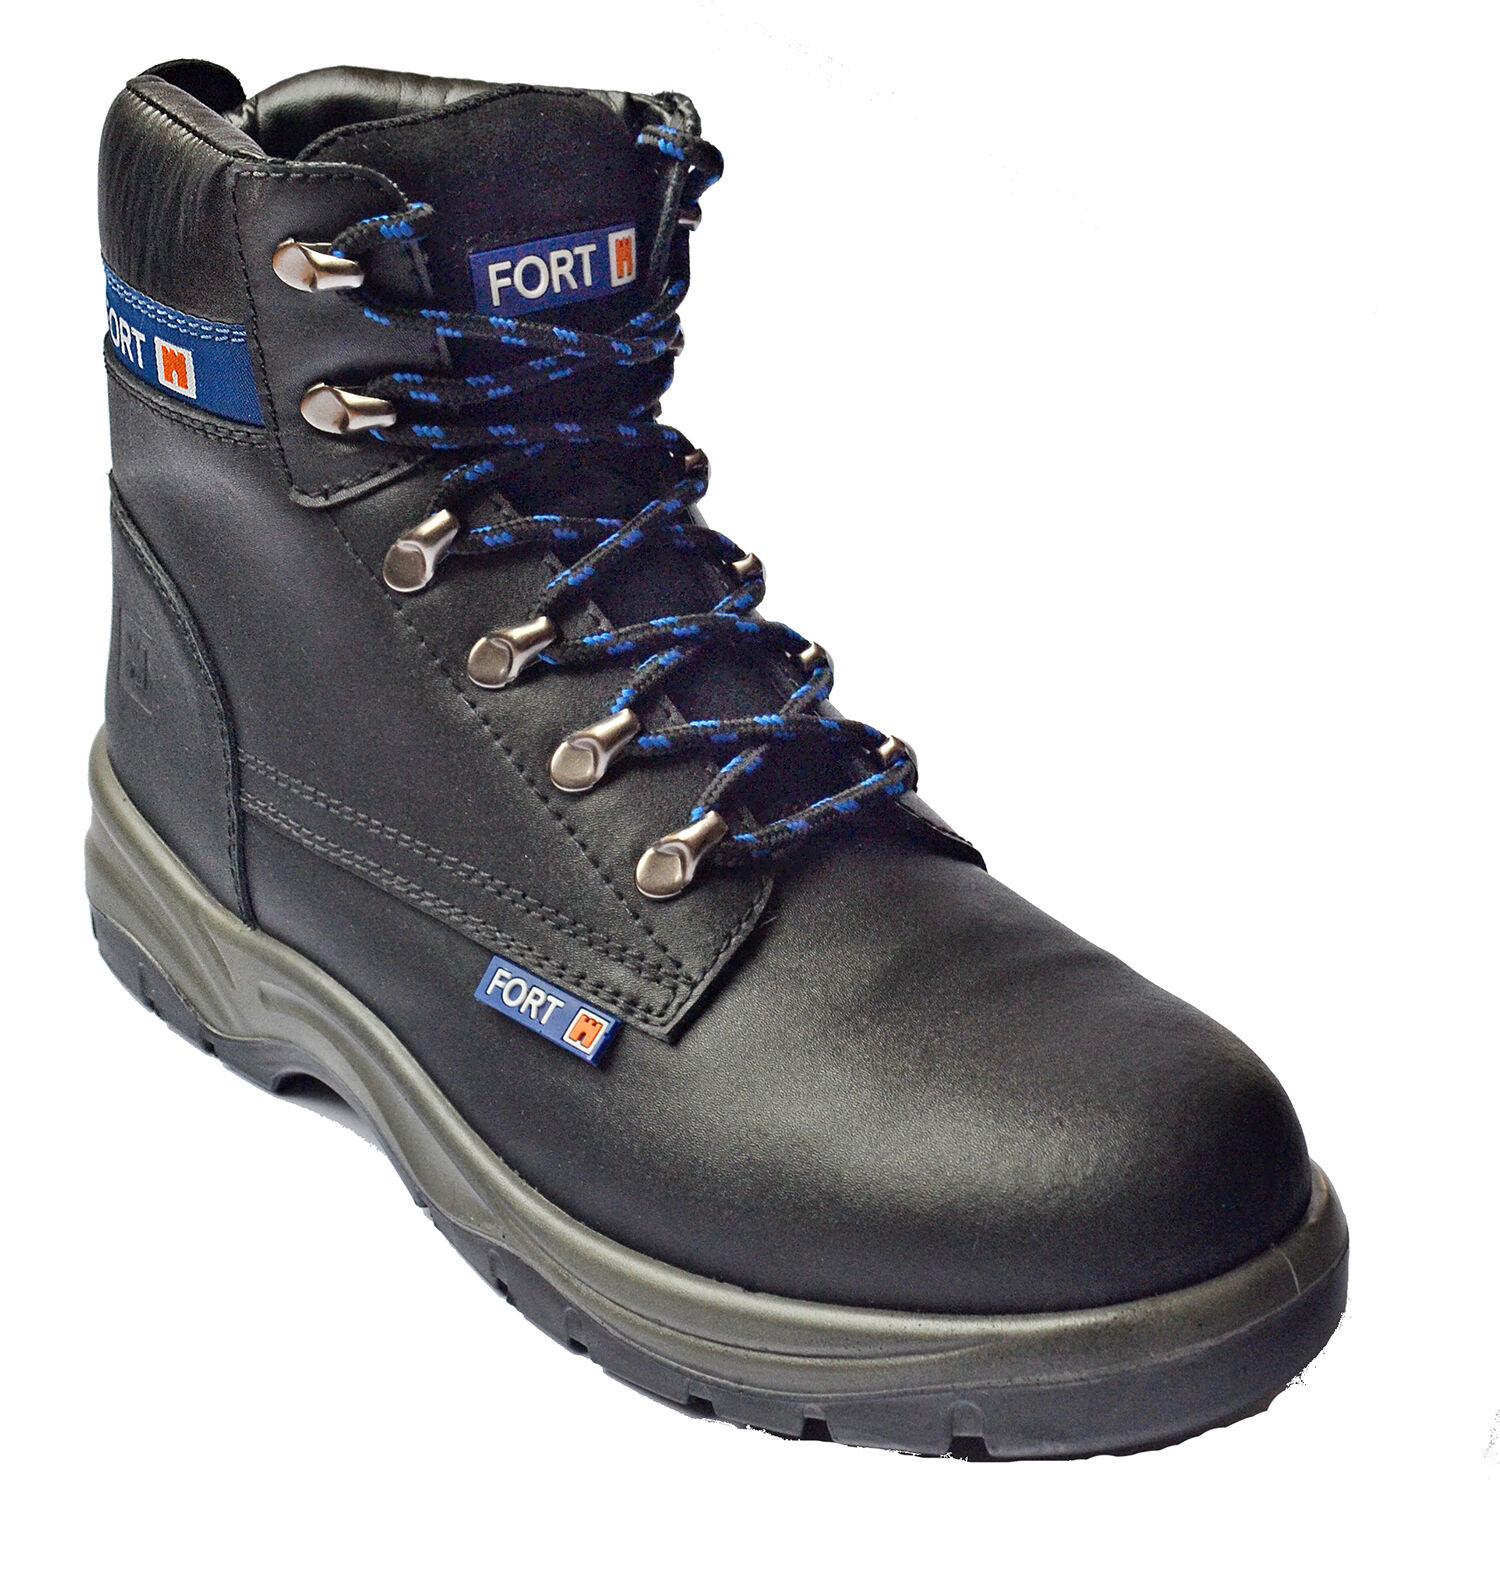 Stivali di sicurezza Mens caviglia acciaio punta LAVORO TAPPO caviglia Mens Fortress 5330e8